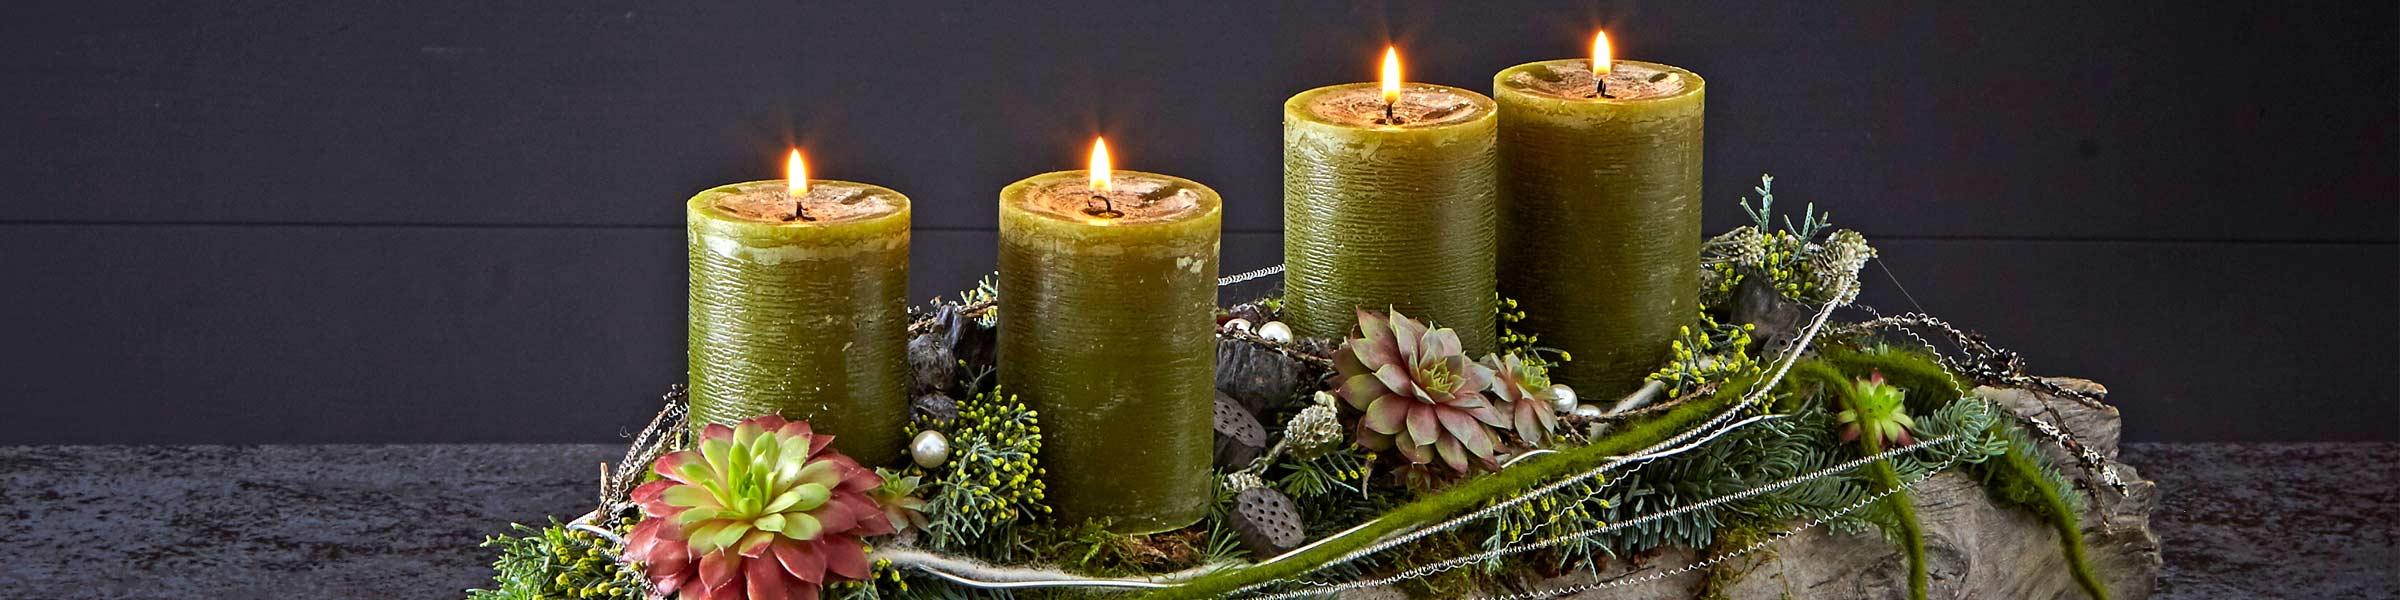 Traumhafte Adventsgestecke online bestellen | Dehner